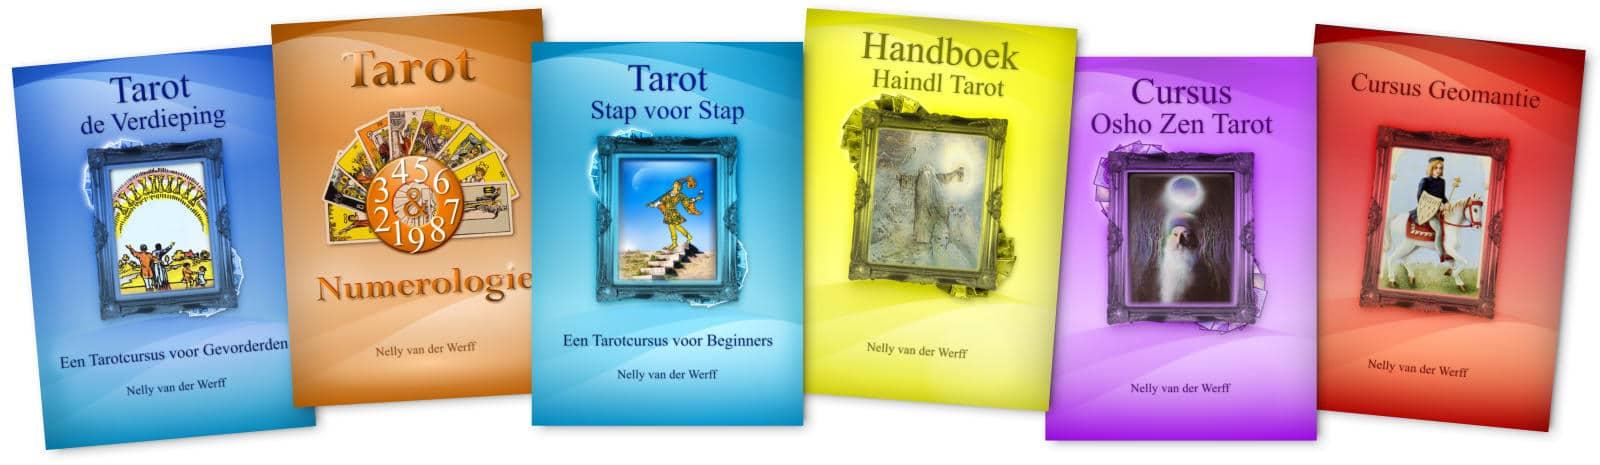 Leer ook Tarot lezen met de unieke Online Tarotcursus voor Beginners van Tarot Stap voor Stap